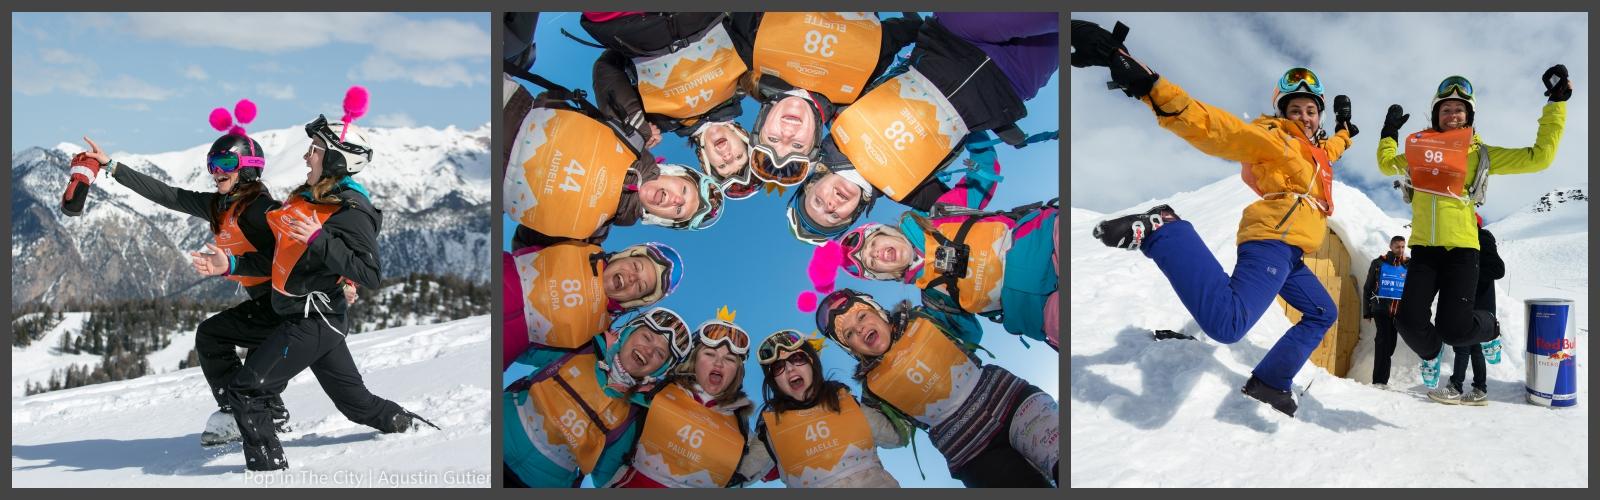 ski-neige-femmes-filles-amies-challenge-decouverte-exploration-fun-jeu-roadmap-carte-exploration-tourisme-sport-bien_etre-duo-equipe